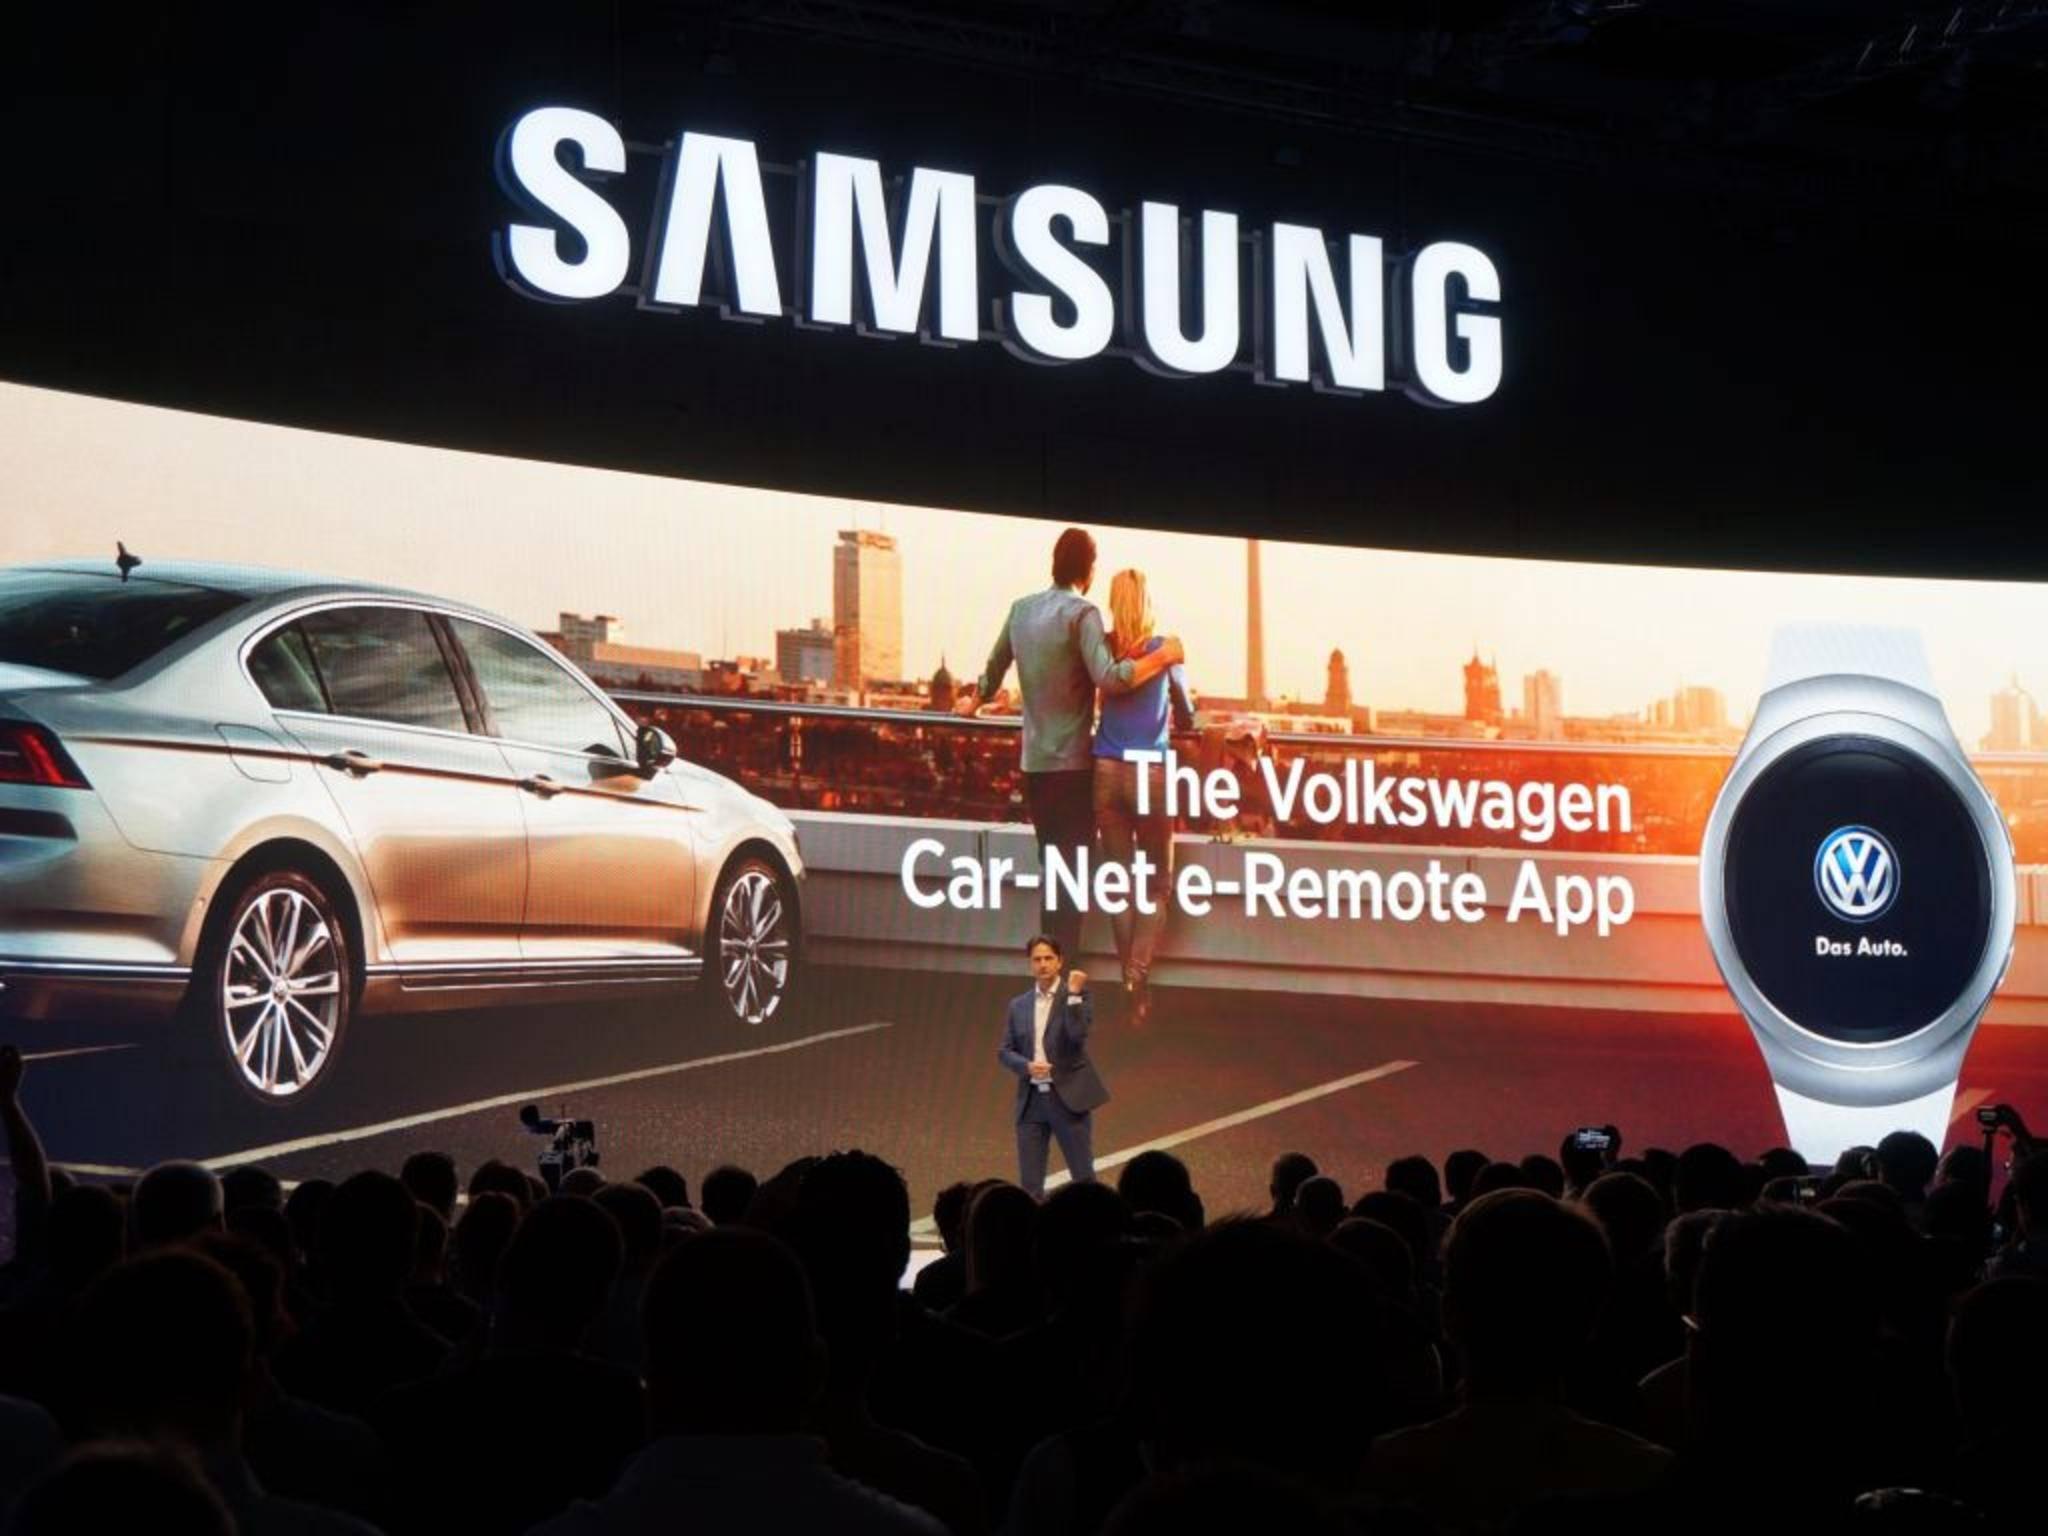 Bei Samsungs IFA-Pressekonferenz gab es nur einen kurzen Blick auf die Gear S2.